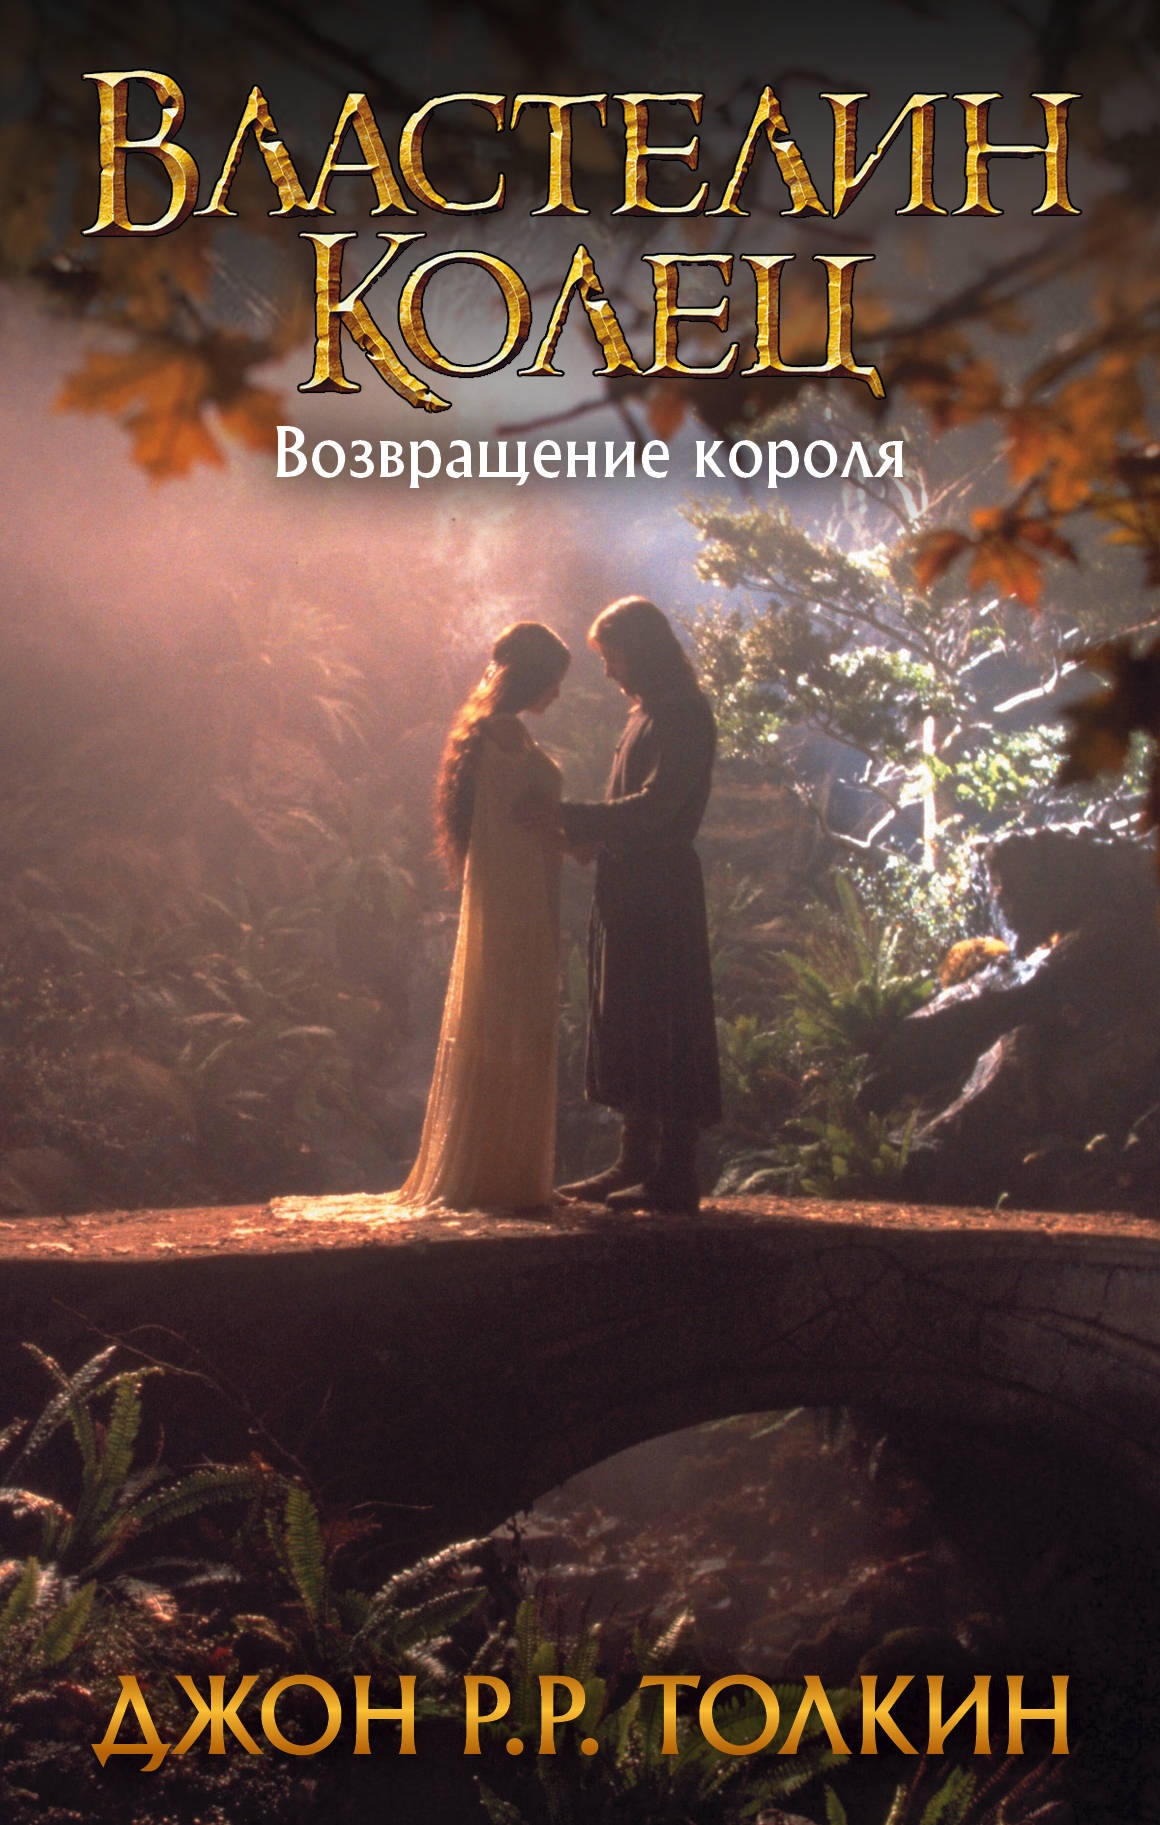 Джон Р.Р.Толкин Властелин Колец. Возвращение короля органный мир фэнтези хогвартс и властелин колец 2018 12 29t15 00